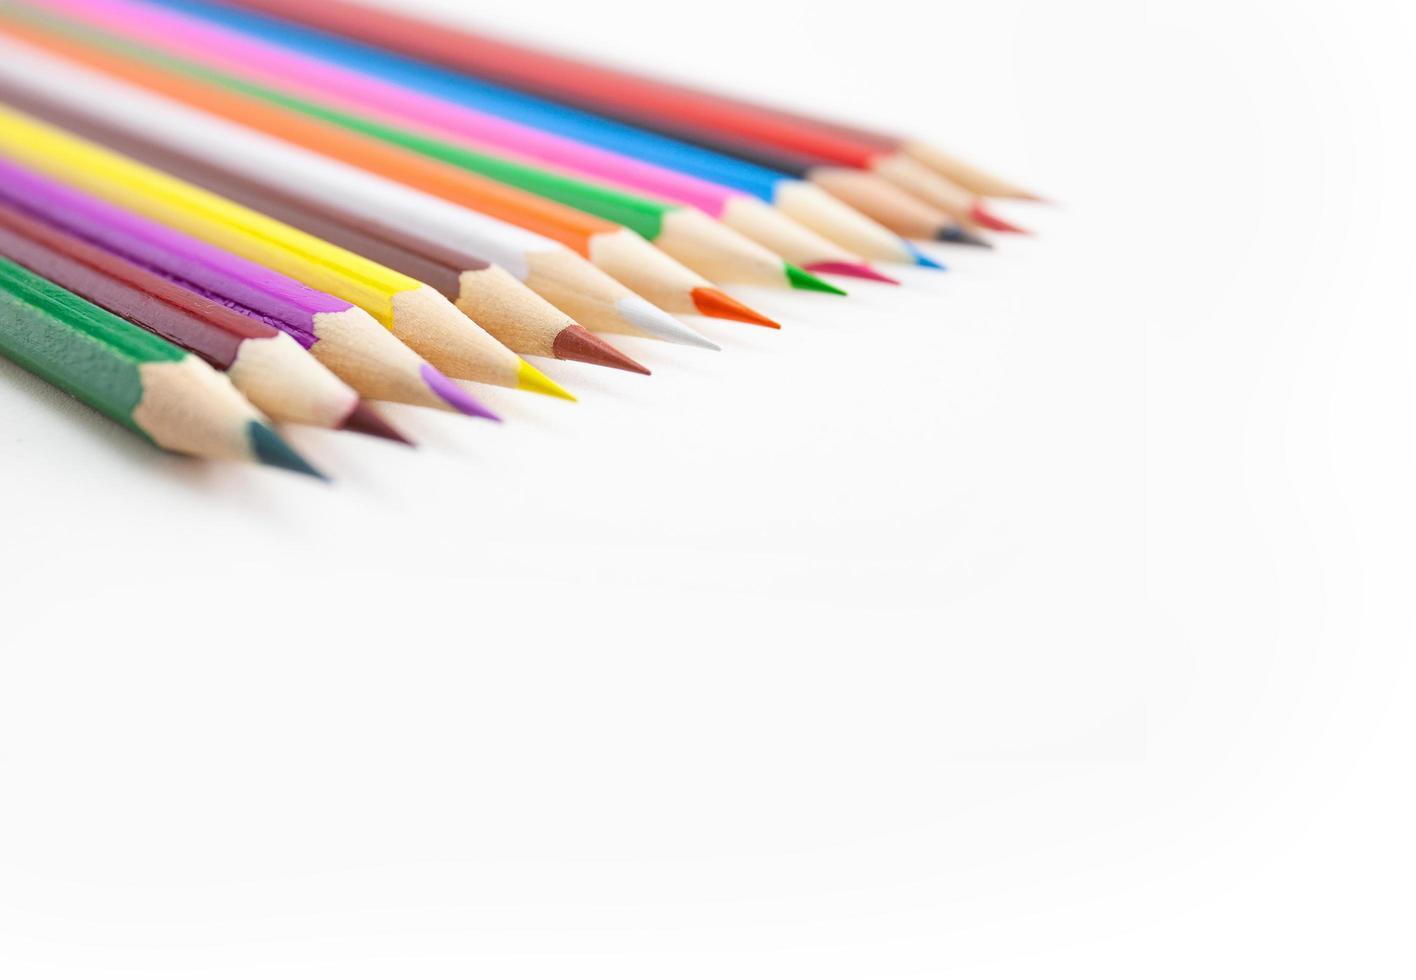 selektivt fokus på spetsarna av färgpennor på vit bakgrund. foto